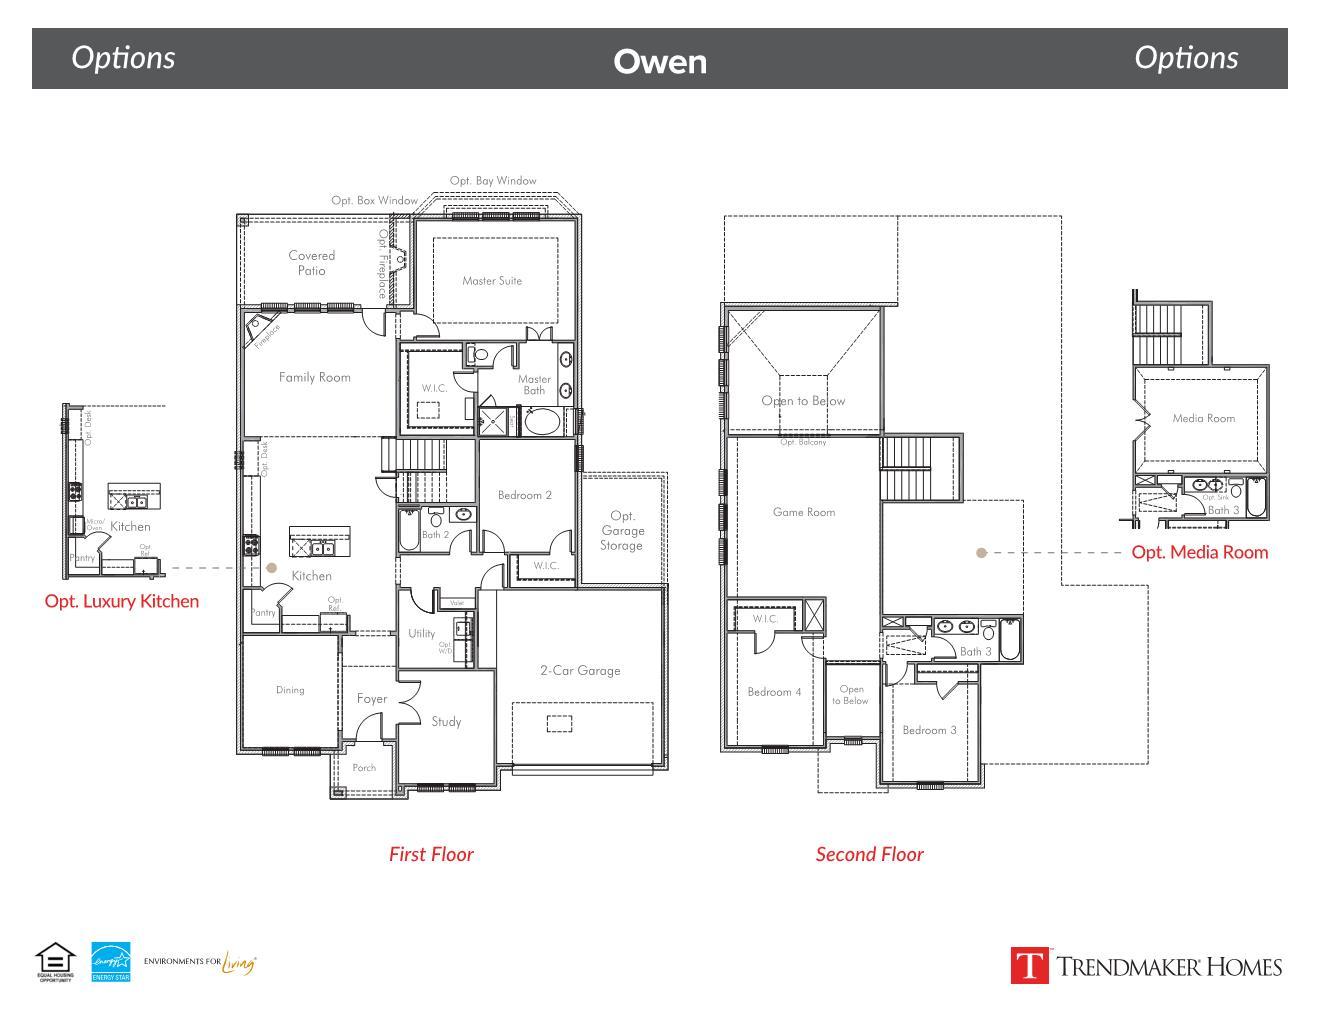 Owen floor plan - Glen View